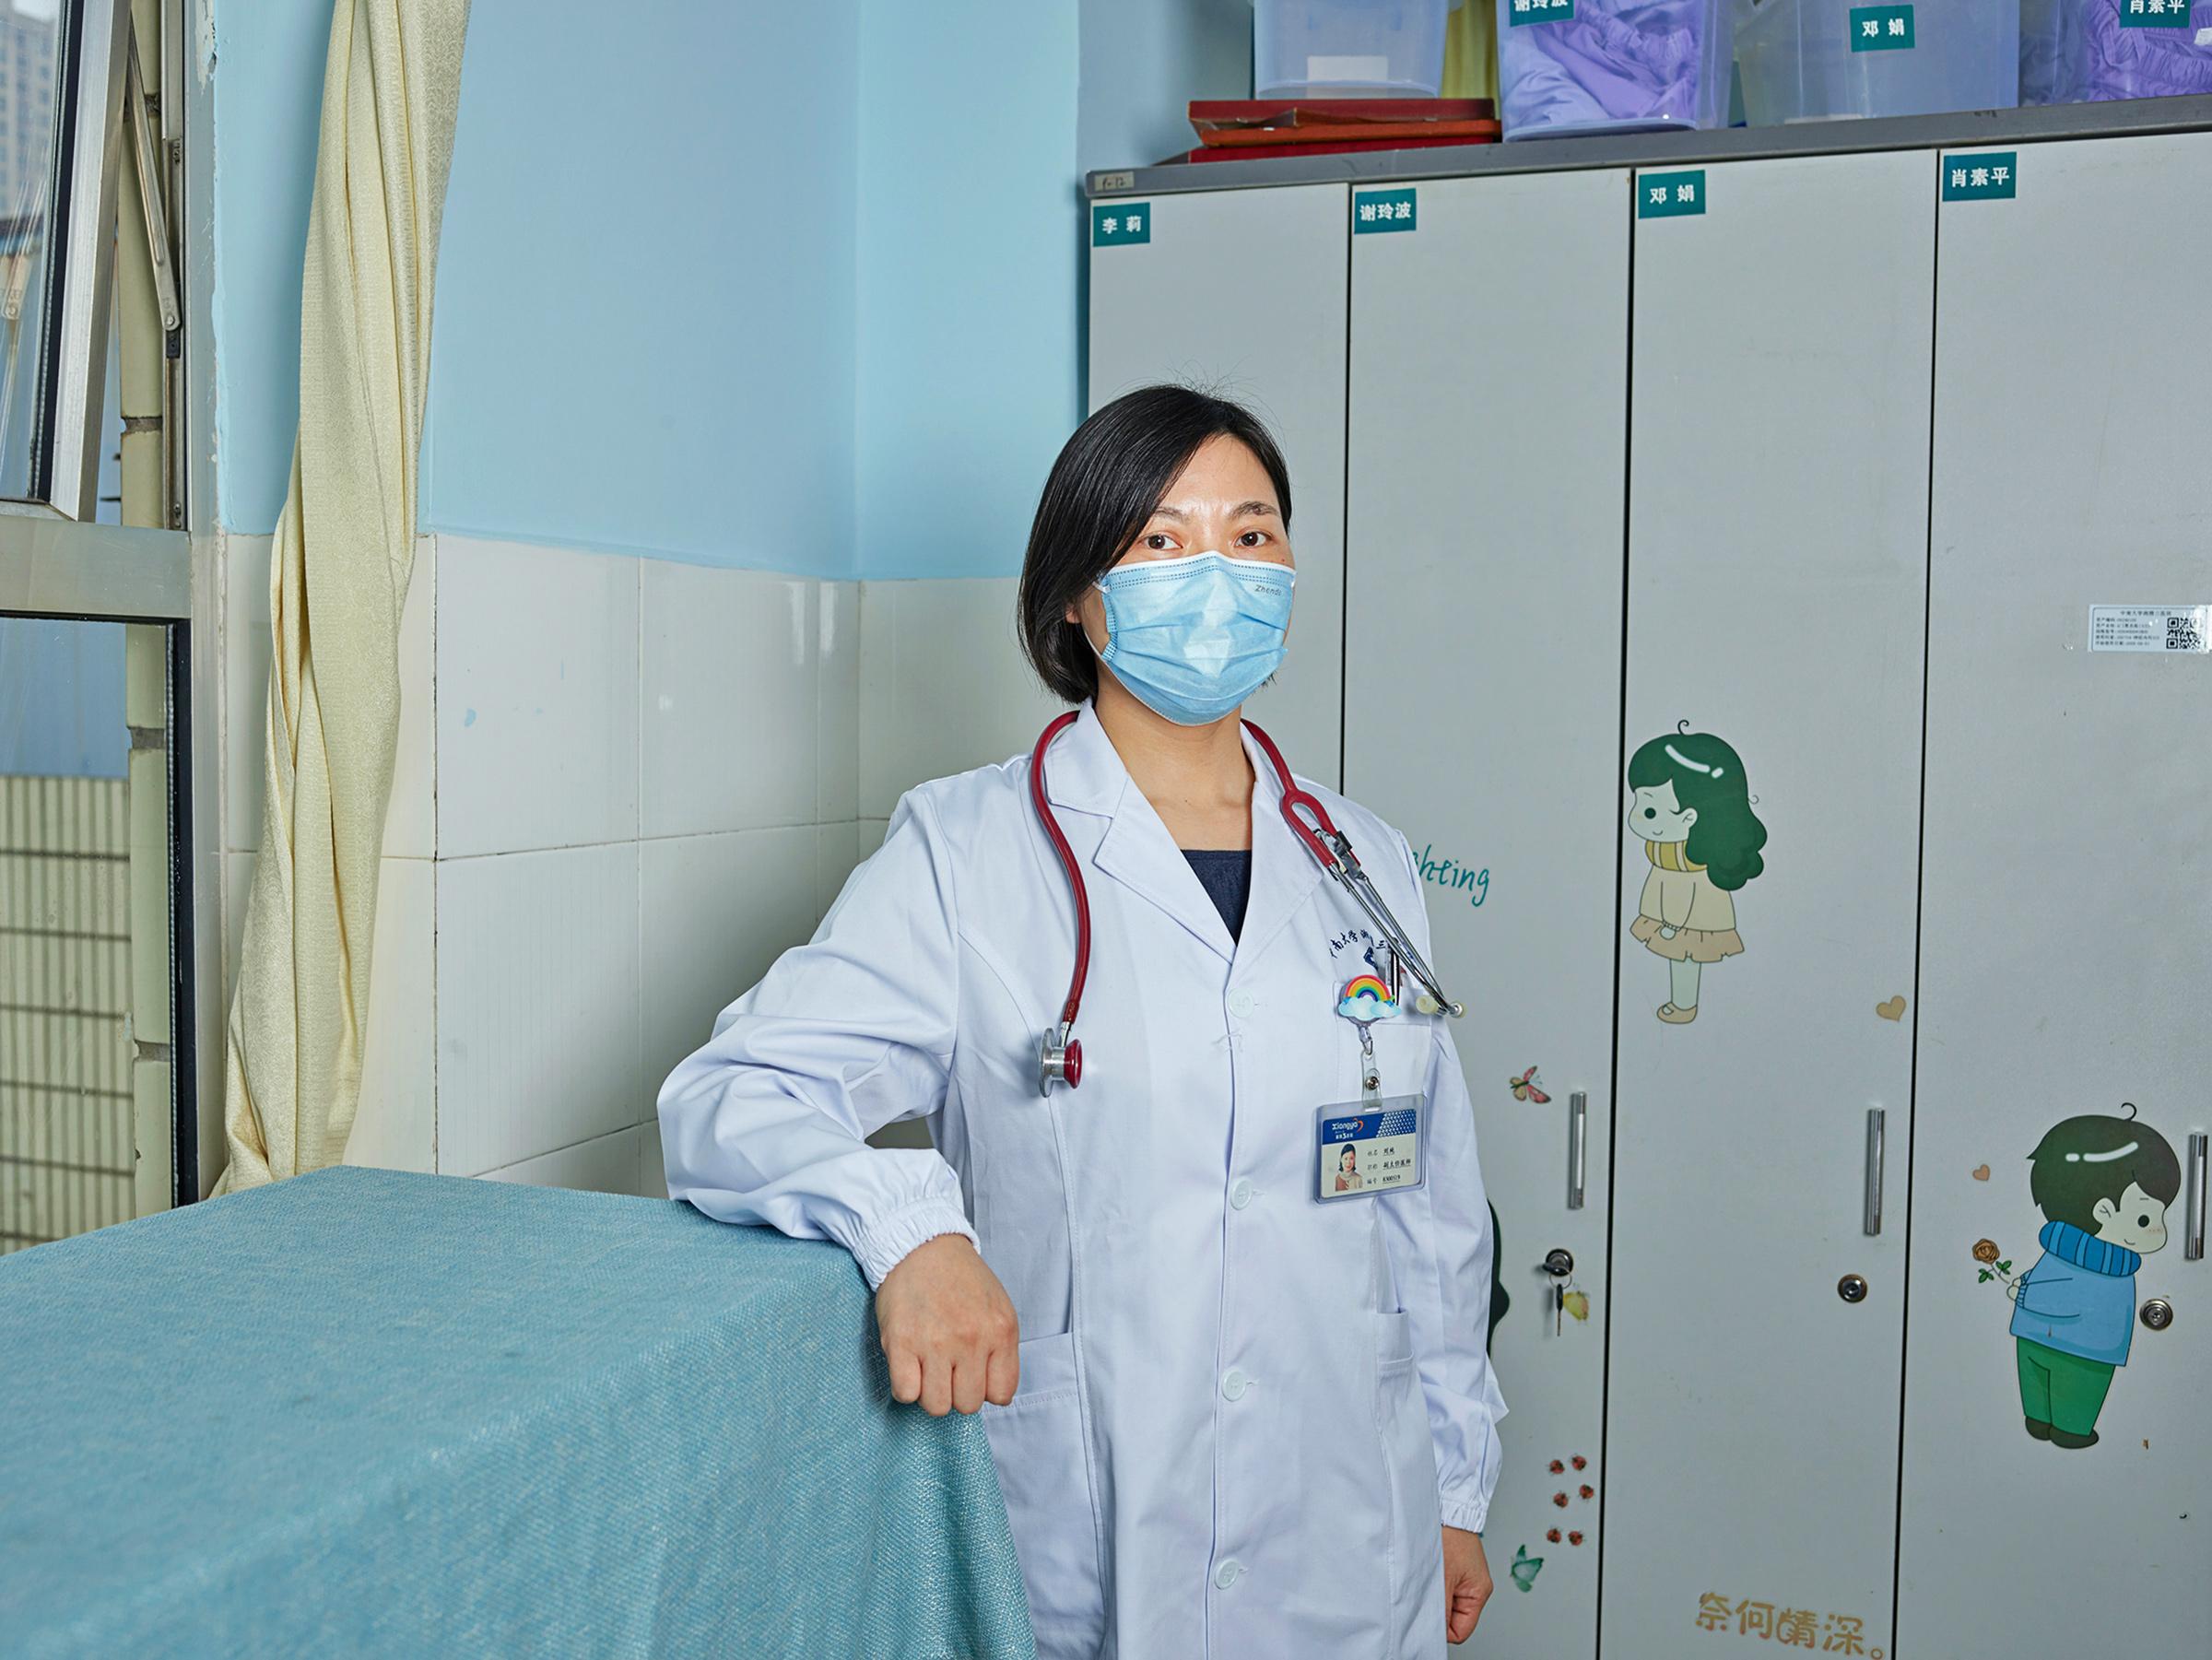 Portrait of Dr. Liu Chun at Hunan Xiangya Hospital in Changsha, China, on Dec. 1, 2020